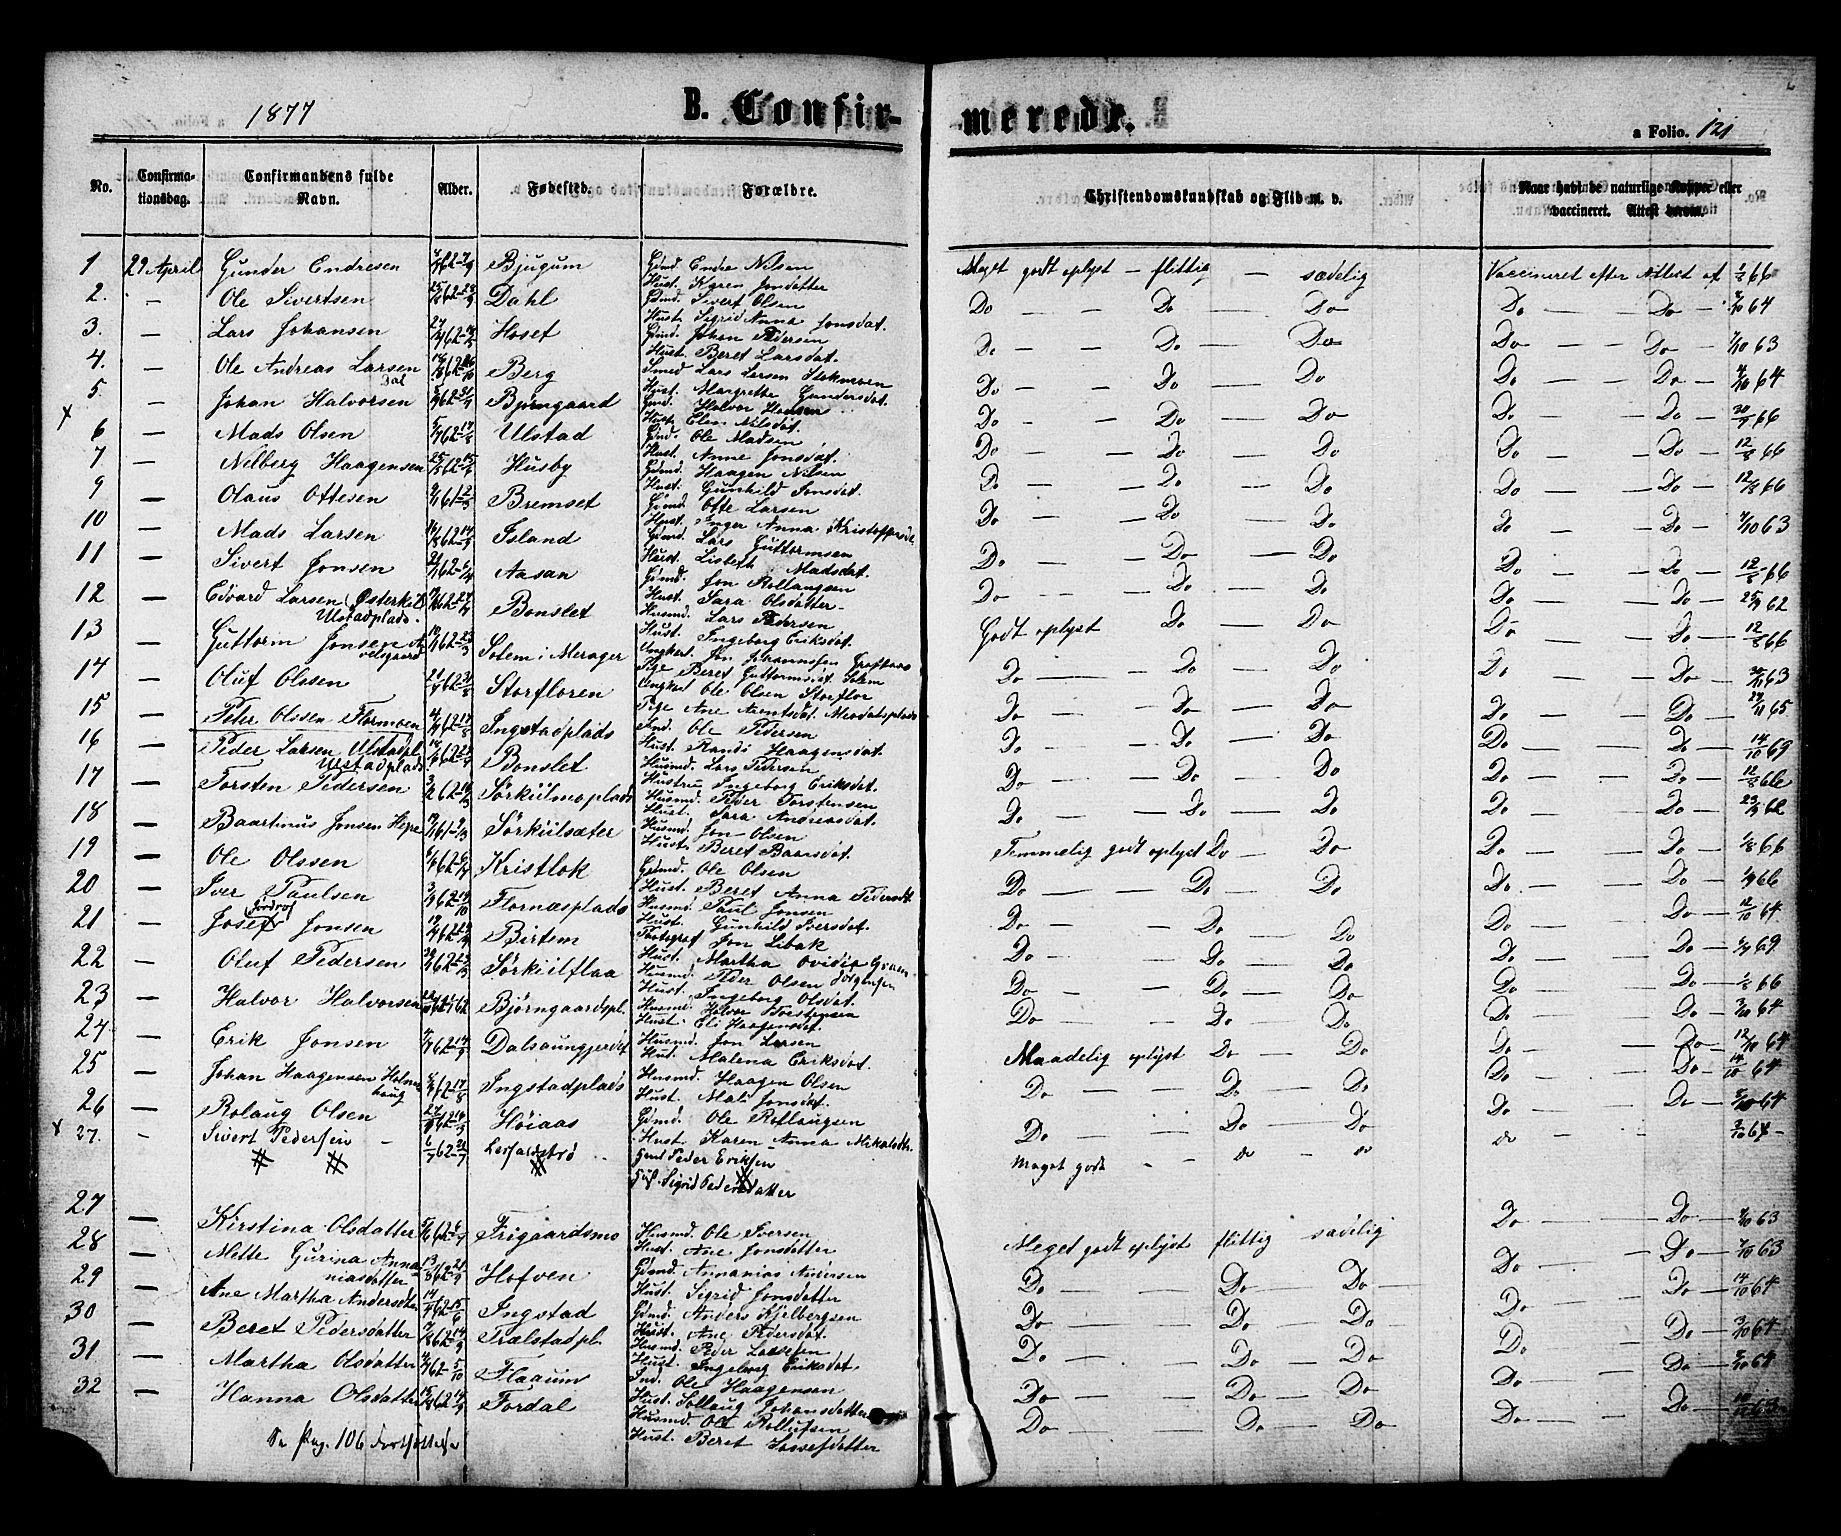 SAT, Ministerialprotokoller, klokkerbøker og fødselsregistre - Nord-Trøndelag, 703/L0029: Ministerialbok nr. 703A02, 1863-1879, s. 121